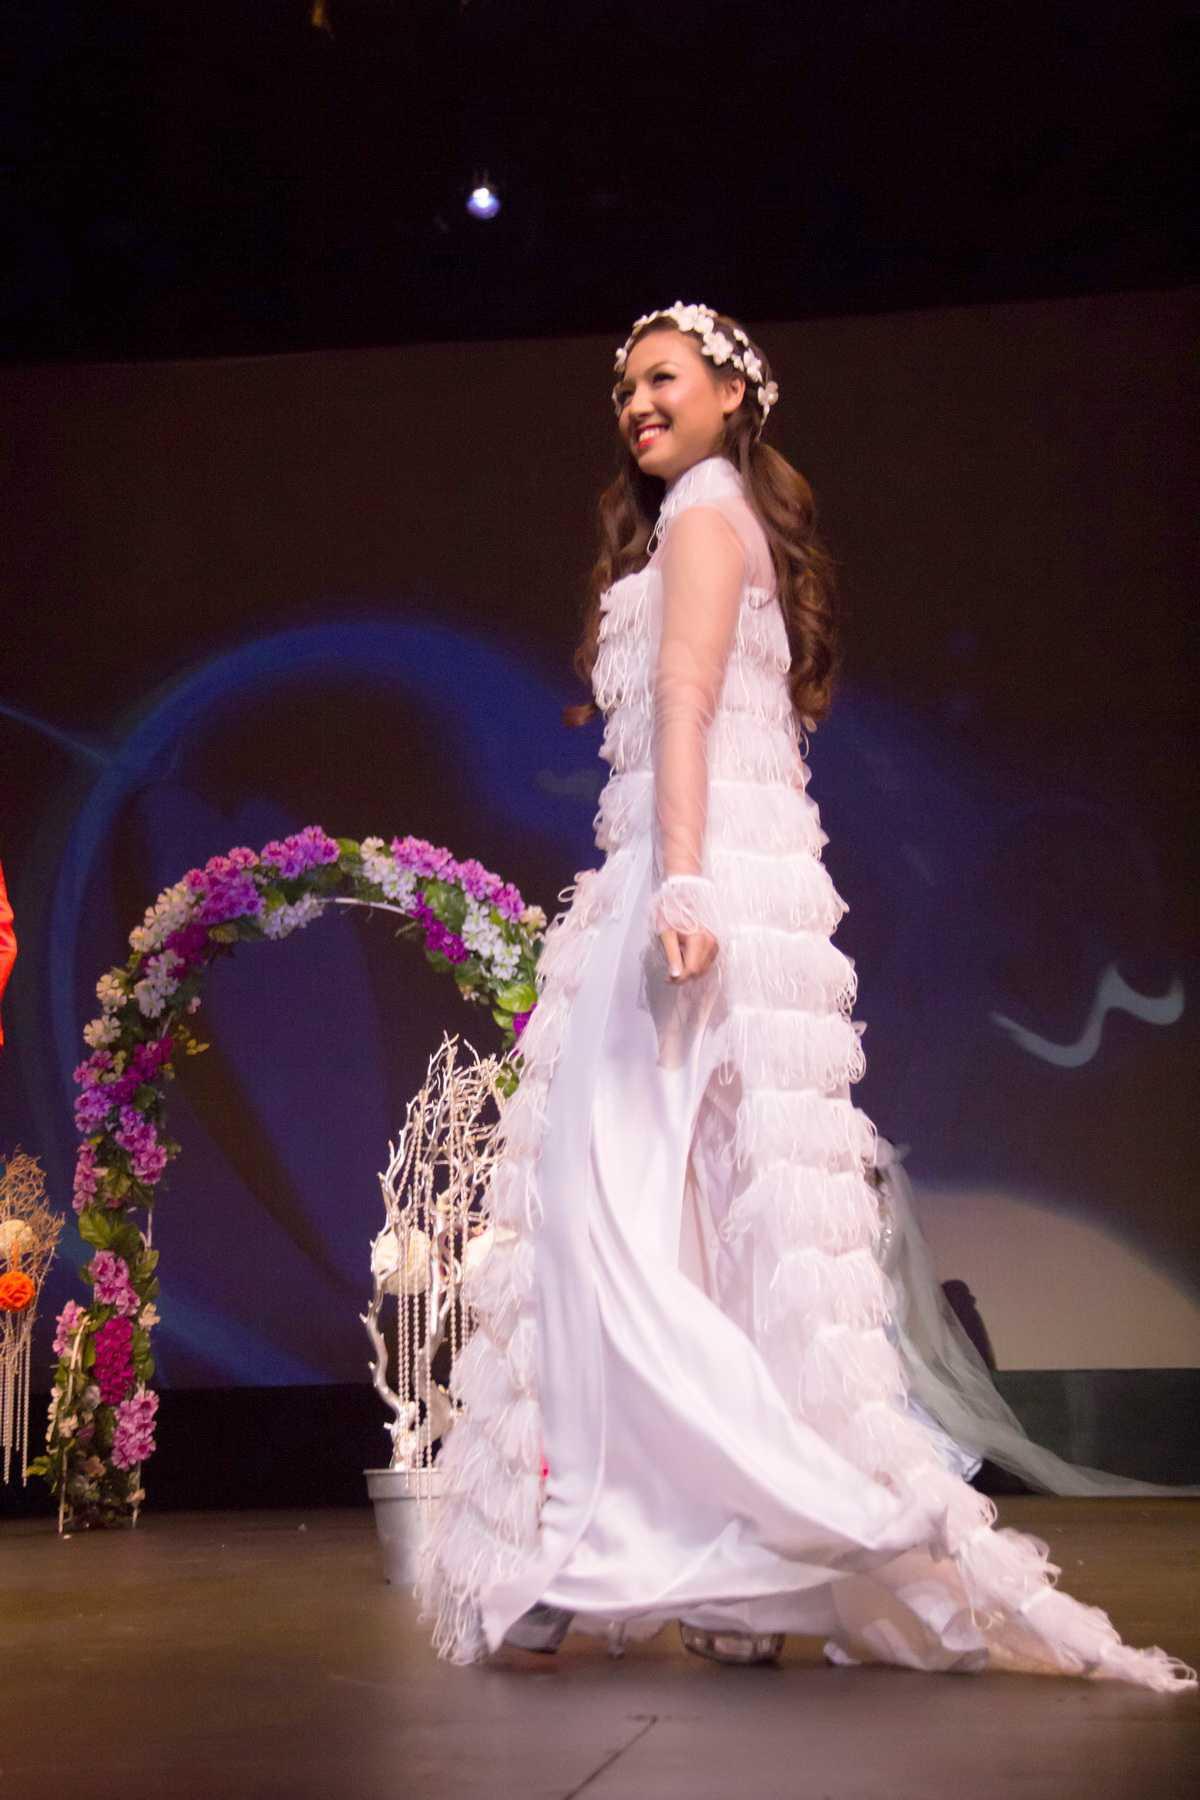 Điều đặc biệt là trong buổi trình diễn thời trang này, HH Jennifer Chung đã rủ các em ruột của mình cùng lên sân khấu đi sàn catwalk. Đây là cô em gái thứ 2 của Jennifer Chung